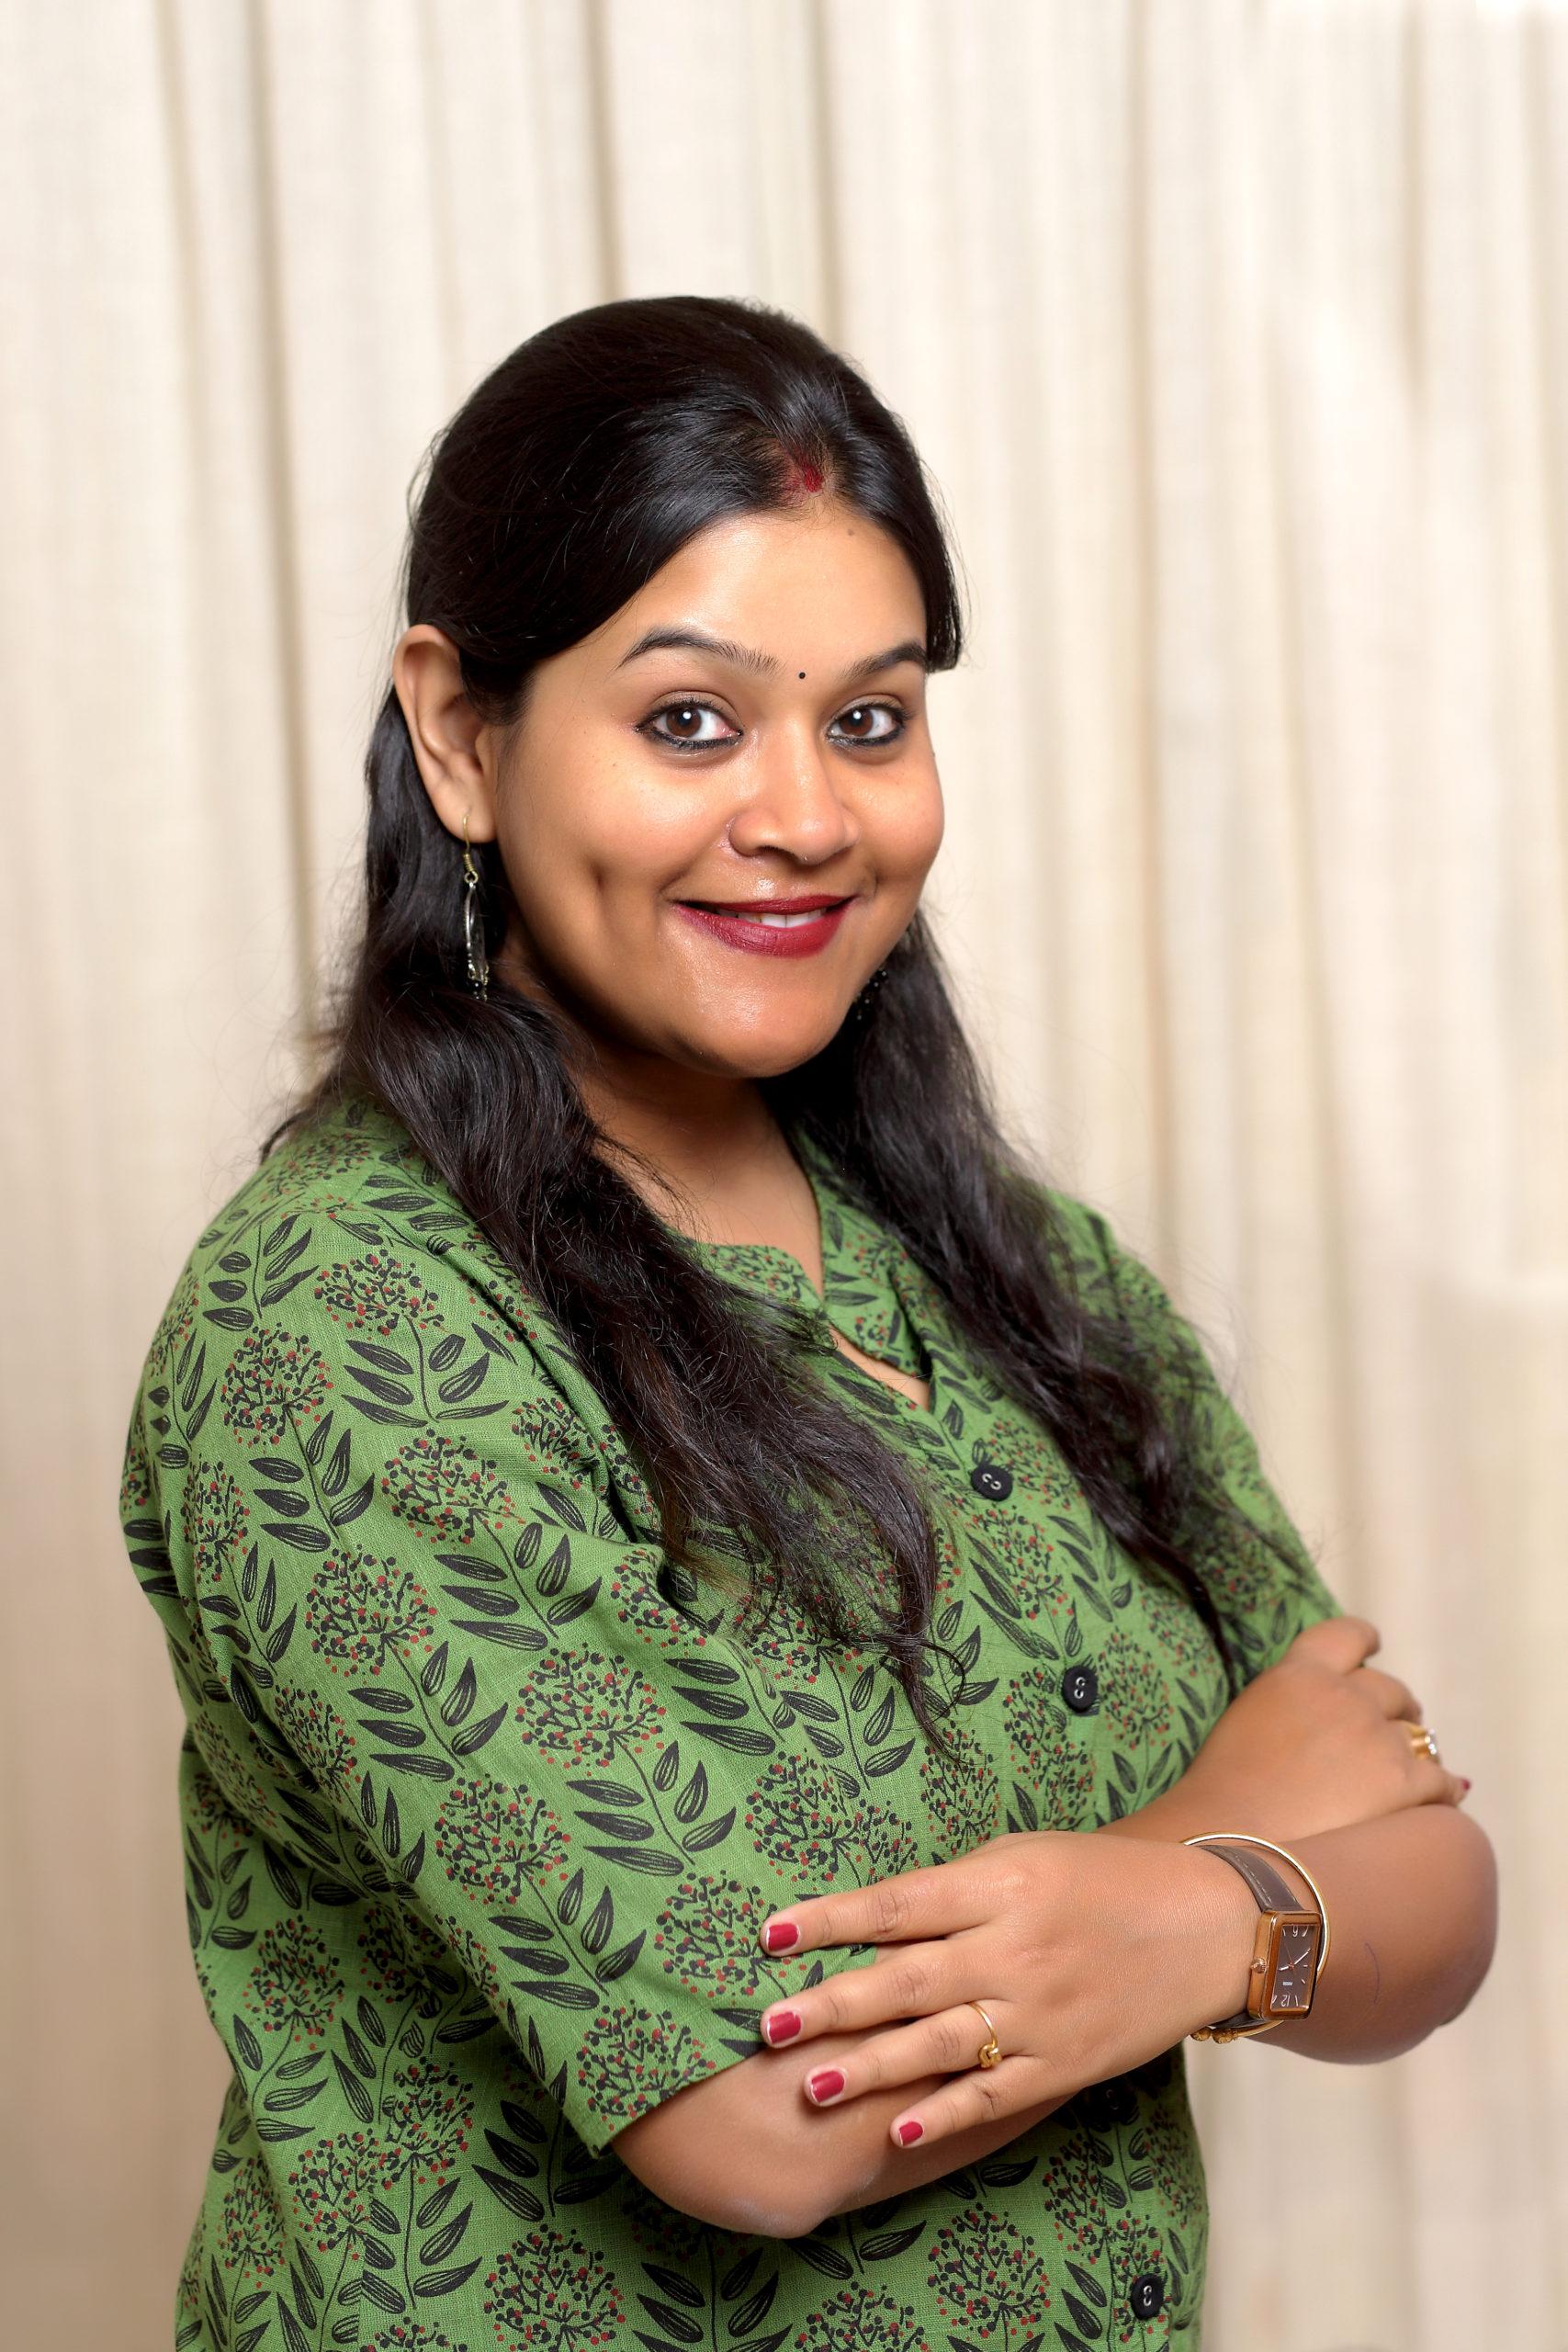 Dr. SHABDITA RITU SARMAH